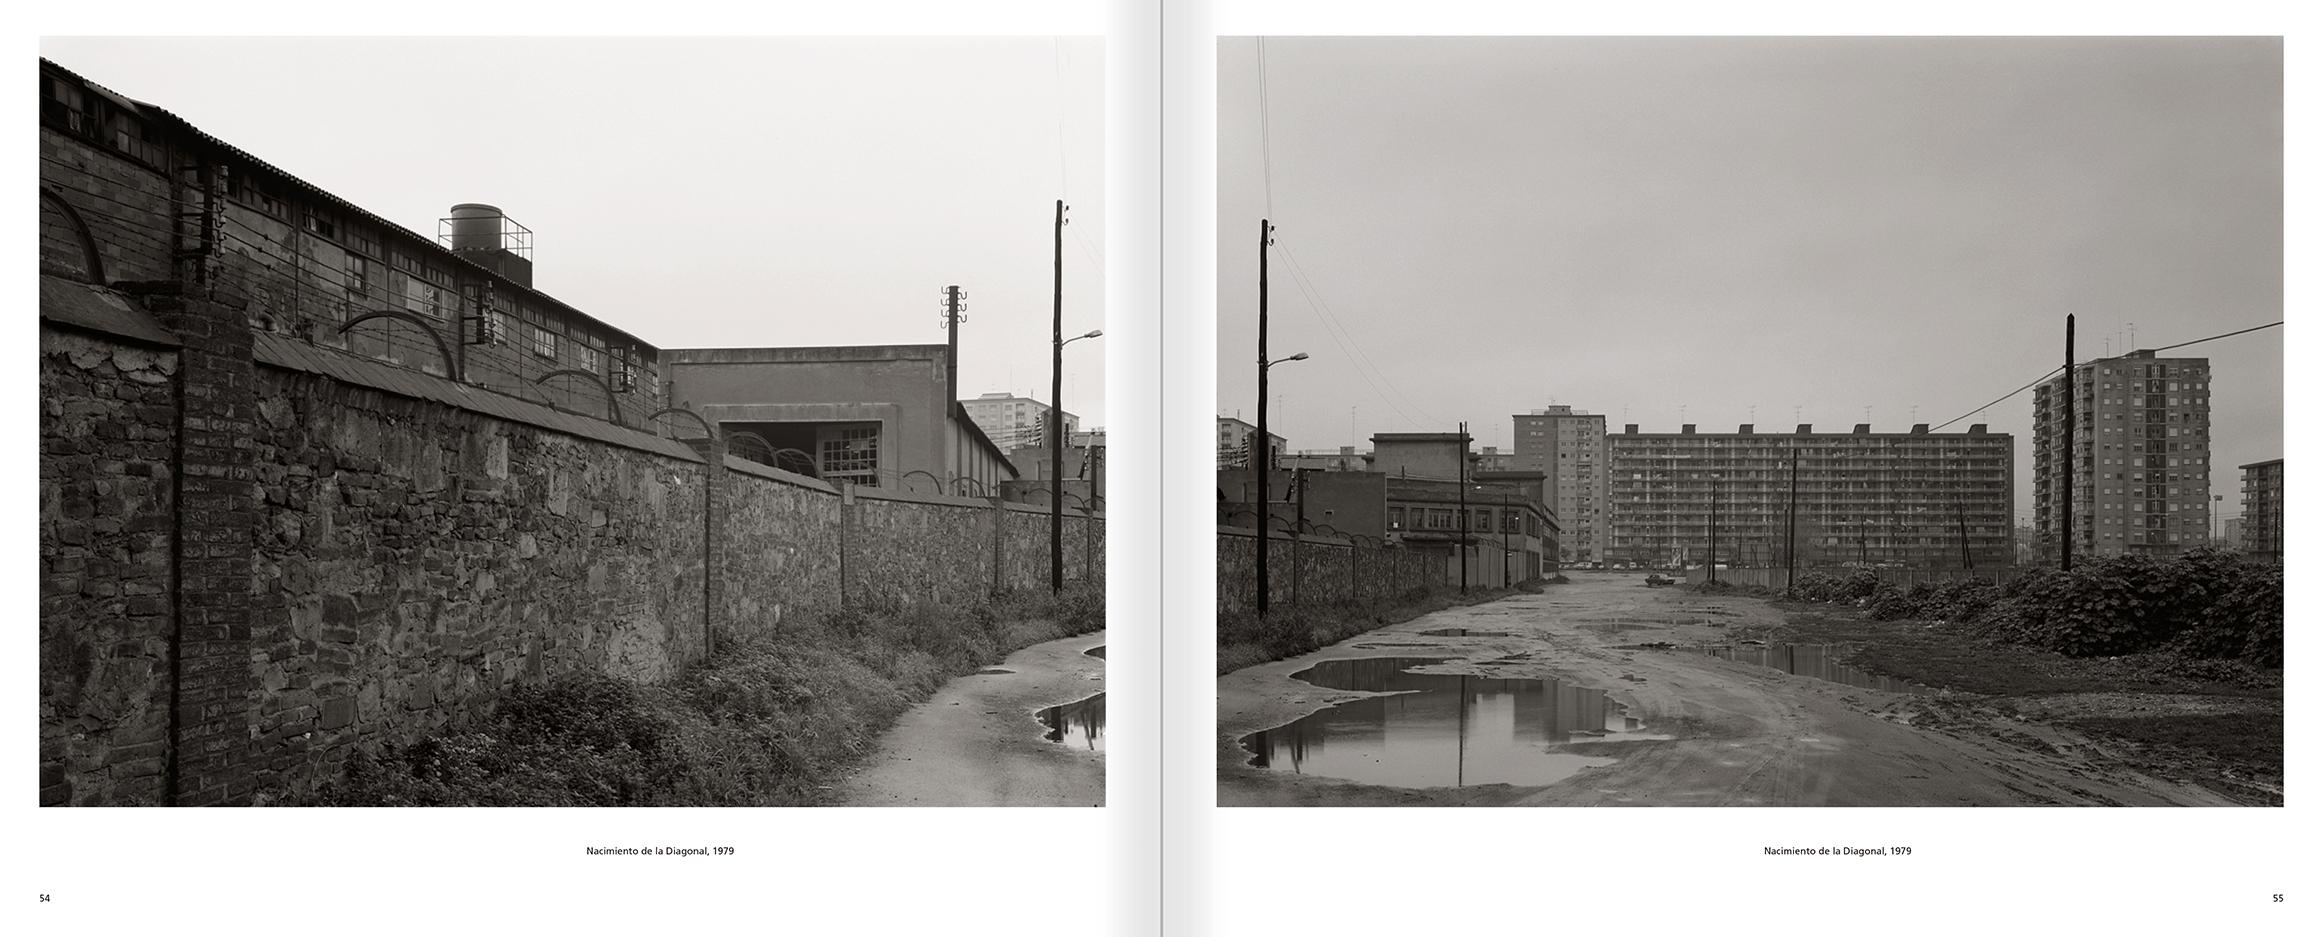 """Selecció del catàleg """"Barcelona 1978-1997. Manolo Laguillo"""" pàgines 54 i 55"""